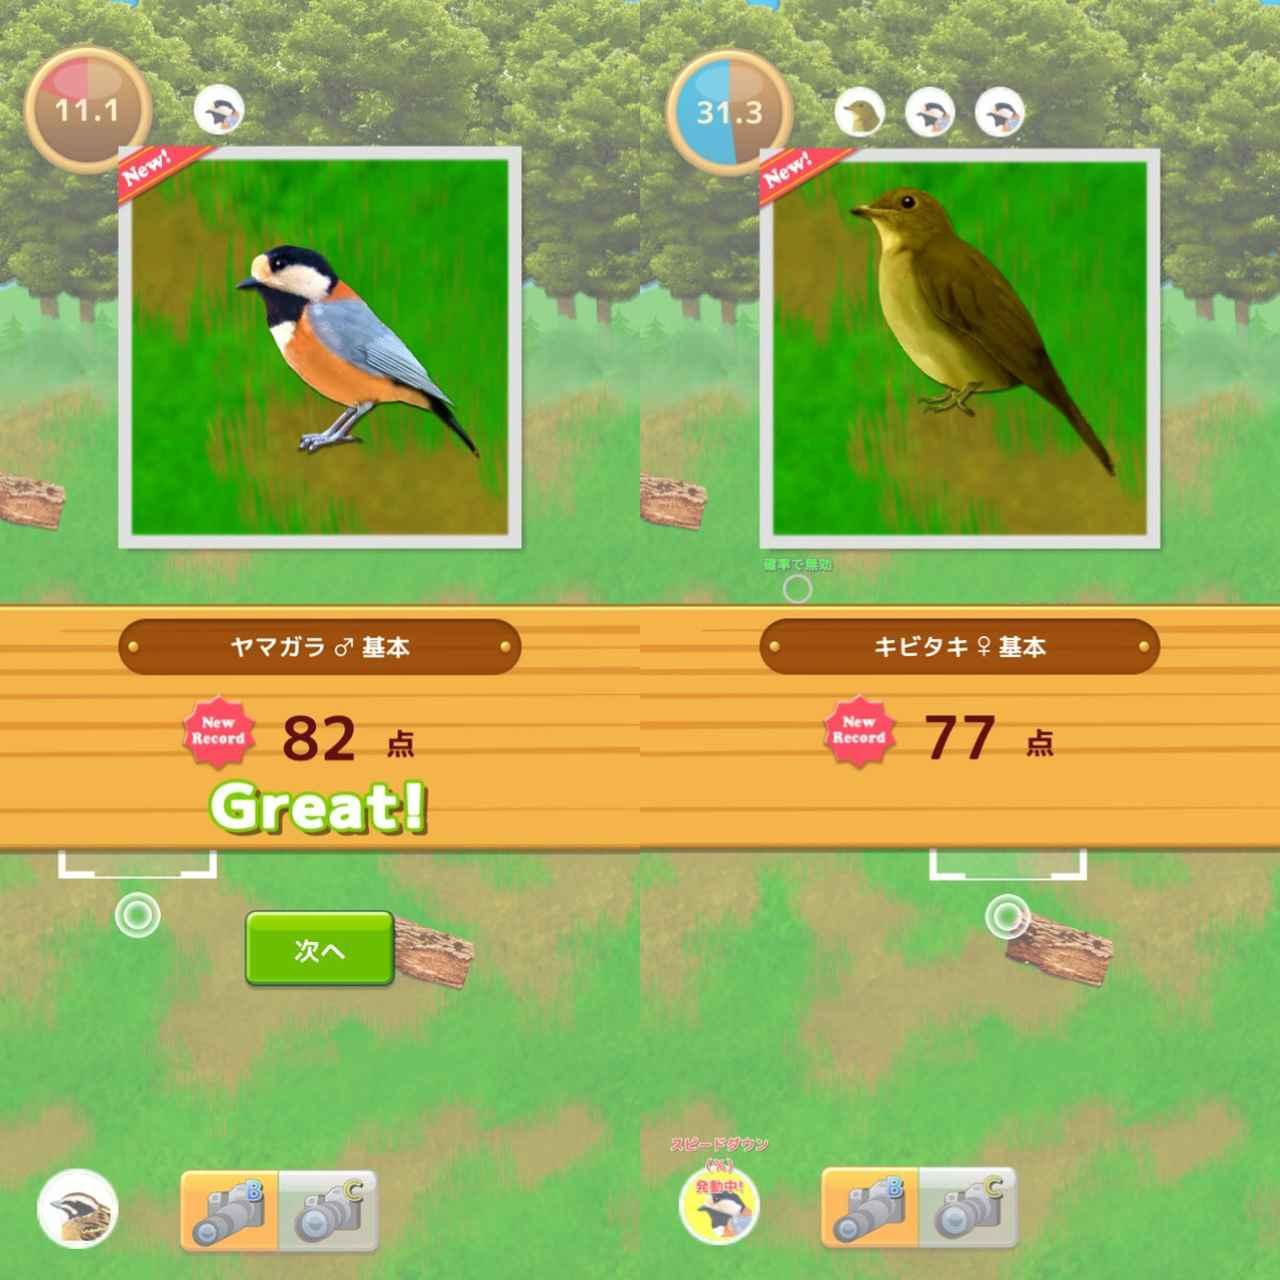 画像2: イベントクエストでさらに新しい野鳥に出会おう!